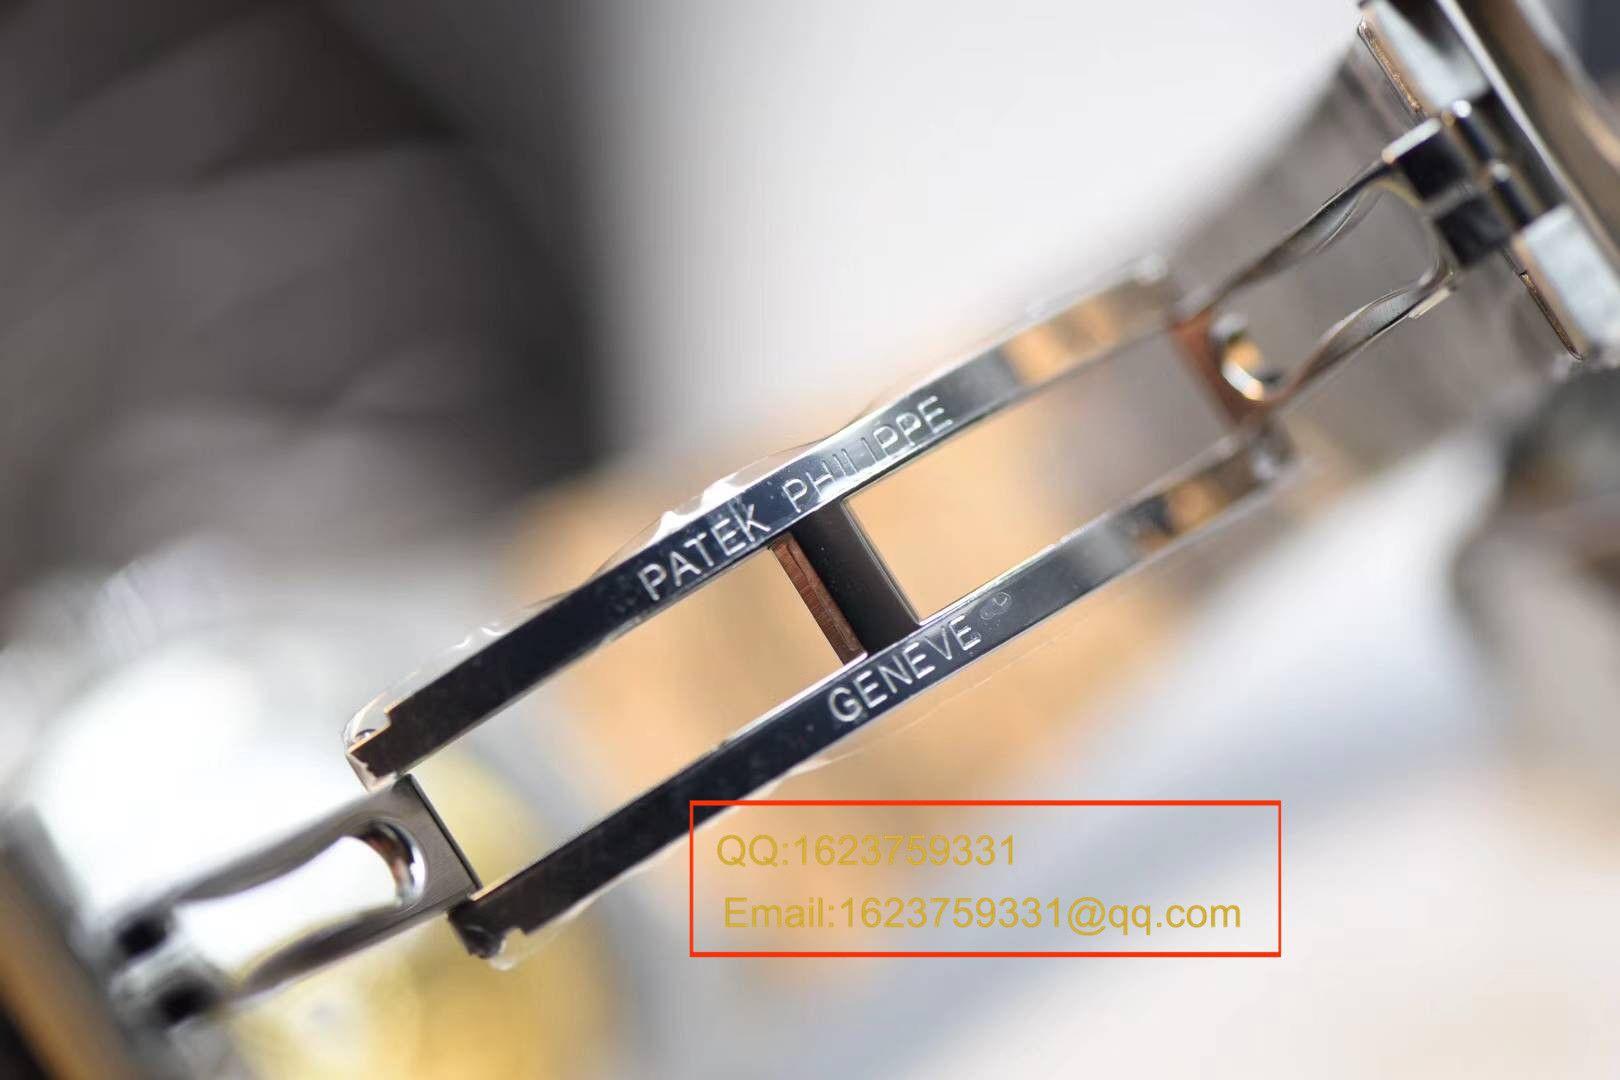 视频评测百达翡丽运动系列5711/1A 010 不锈钢腕表(鹦鹉螺钢王)【PF厂一比一超A高仿手表】 / BD232